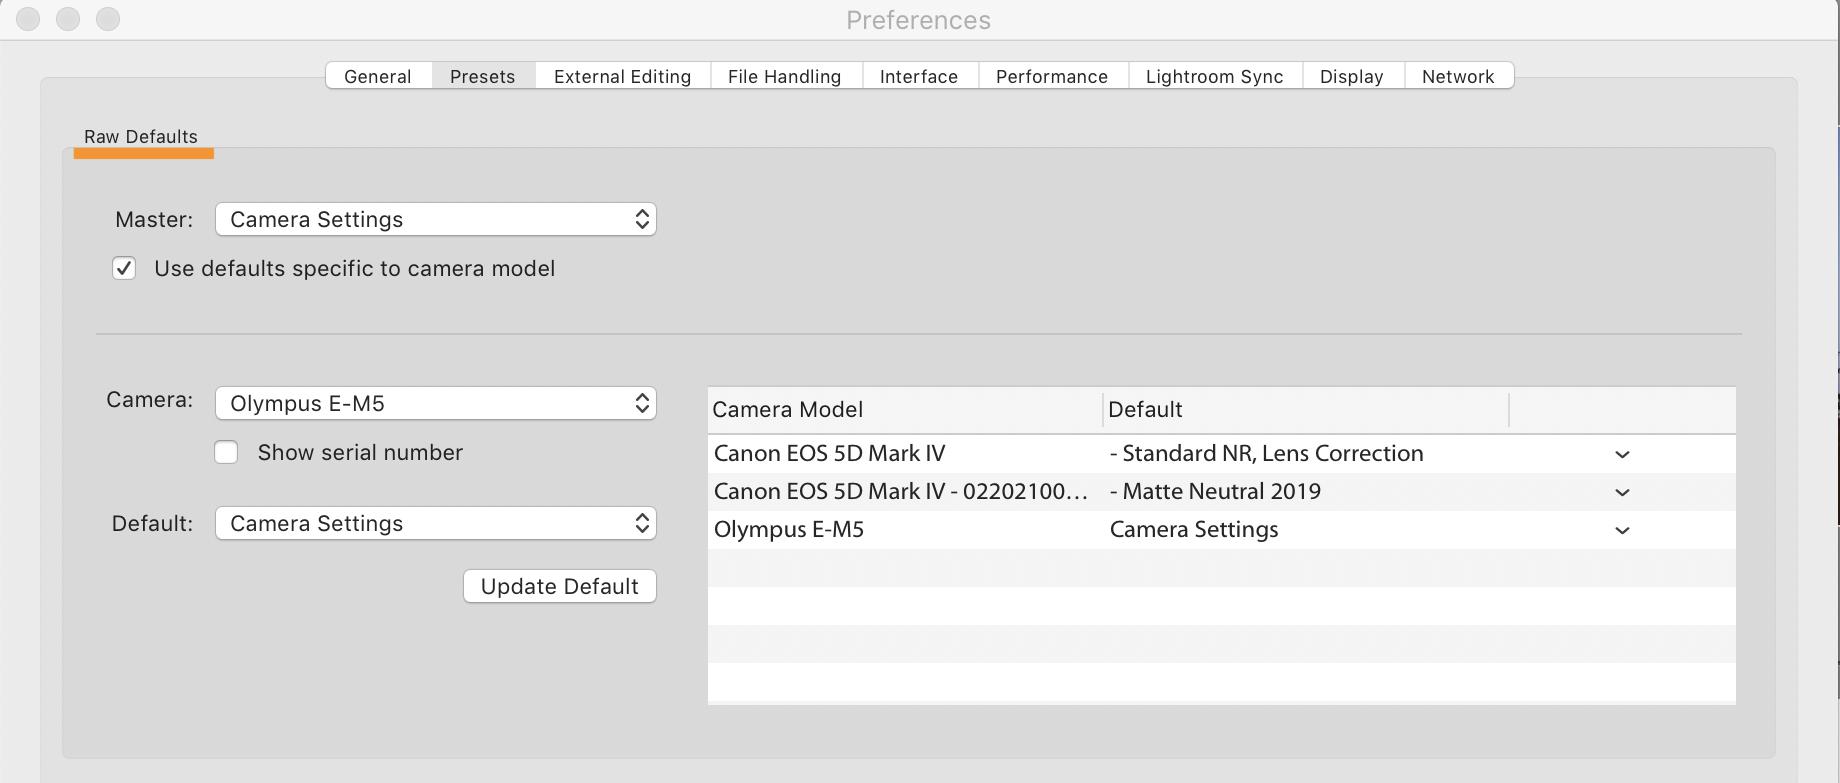 A Adobe traz novos recursos para o Lightroom, como o Split View no iPad e novas opções de exportação 4